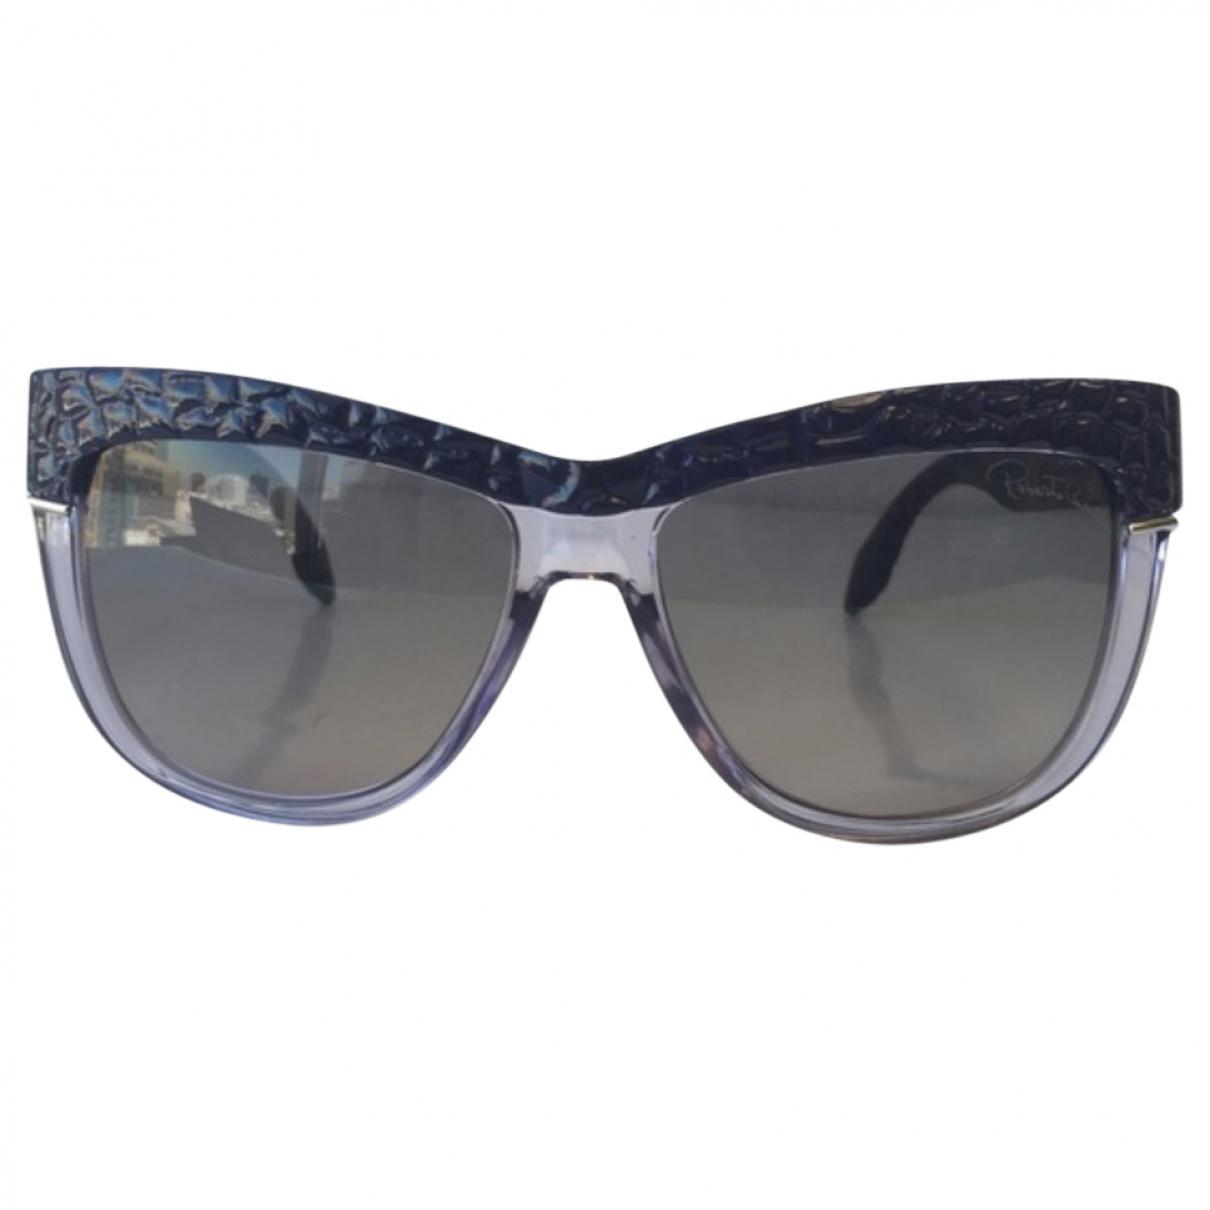 21537fdc7b0 Roberto Cavalli. Women s Purple Plastic Sunglasses. £98 From Vestiaire  Collective